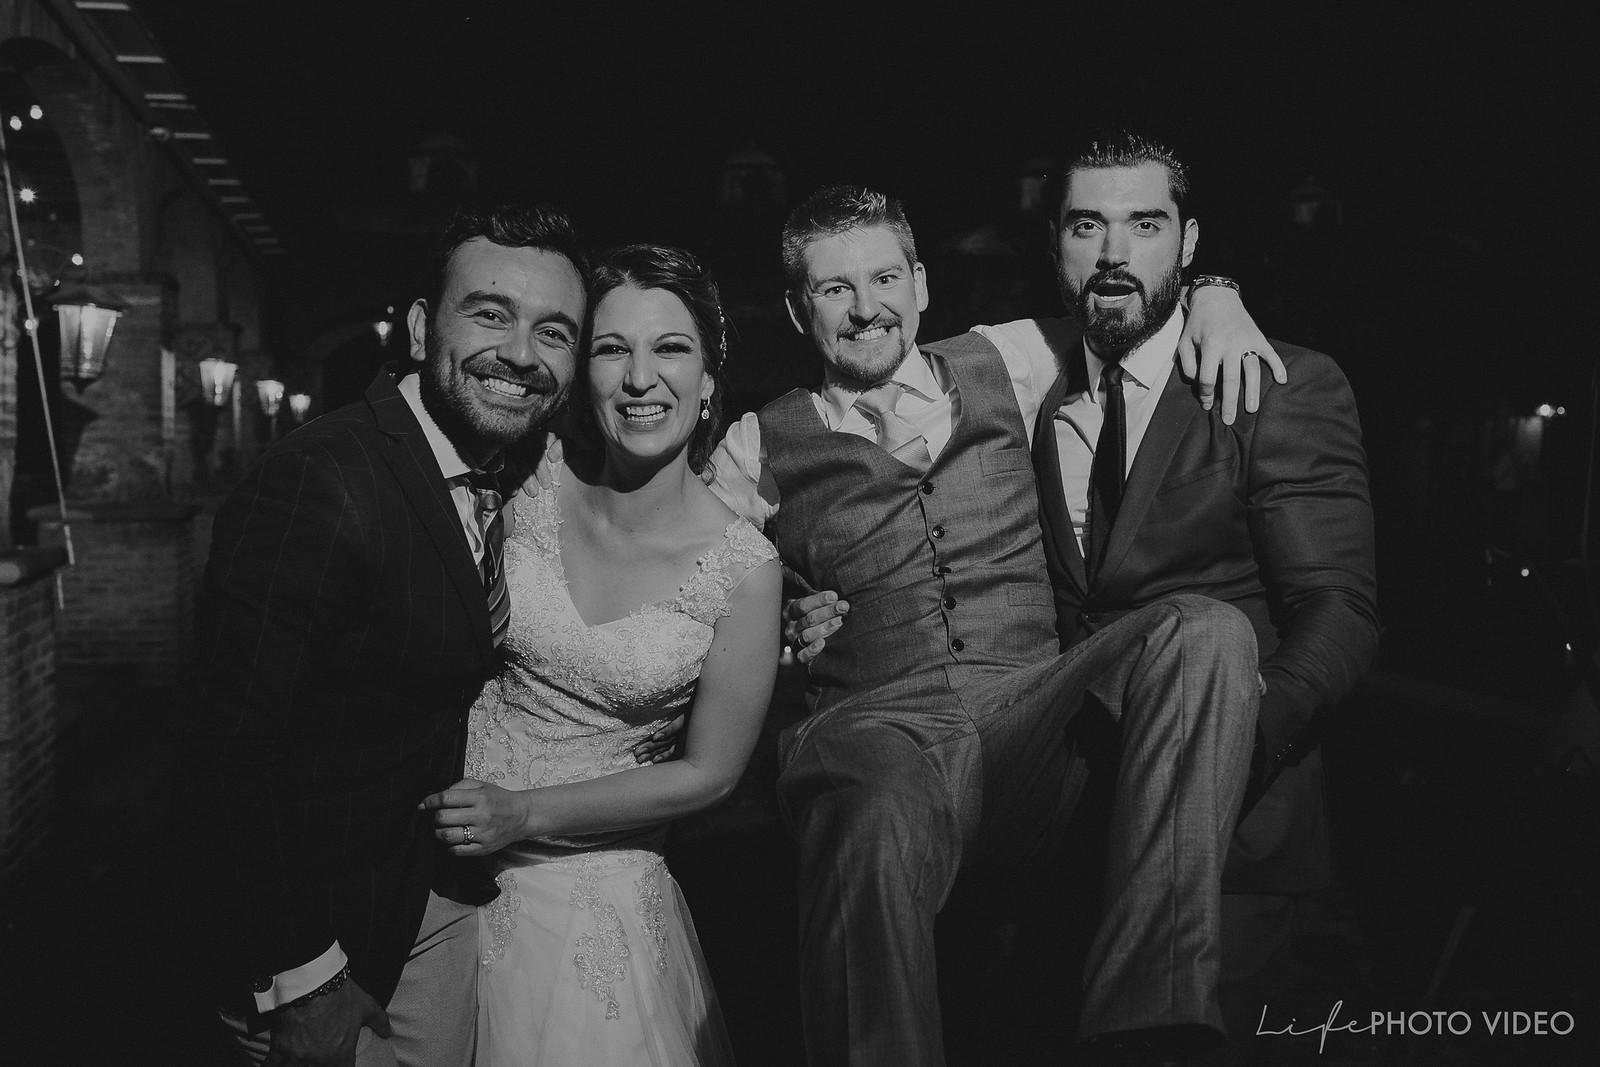 LifePhotoVideo_Boda_LeonGto_Wedding_0001.jpg